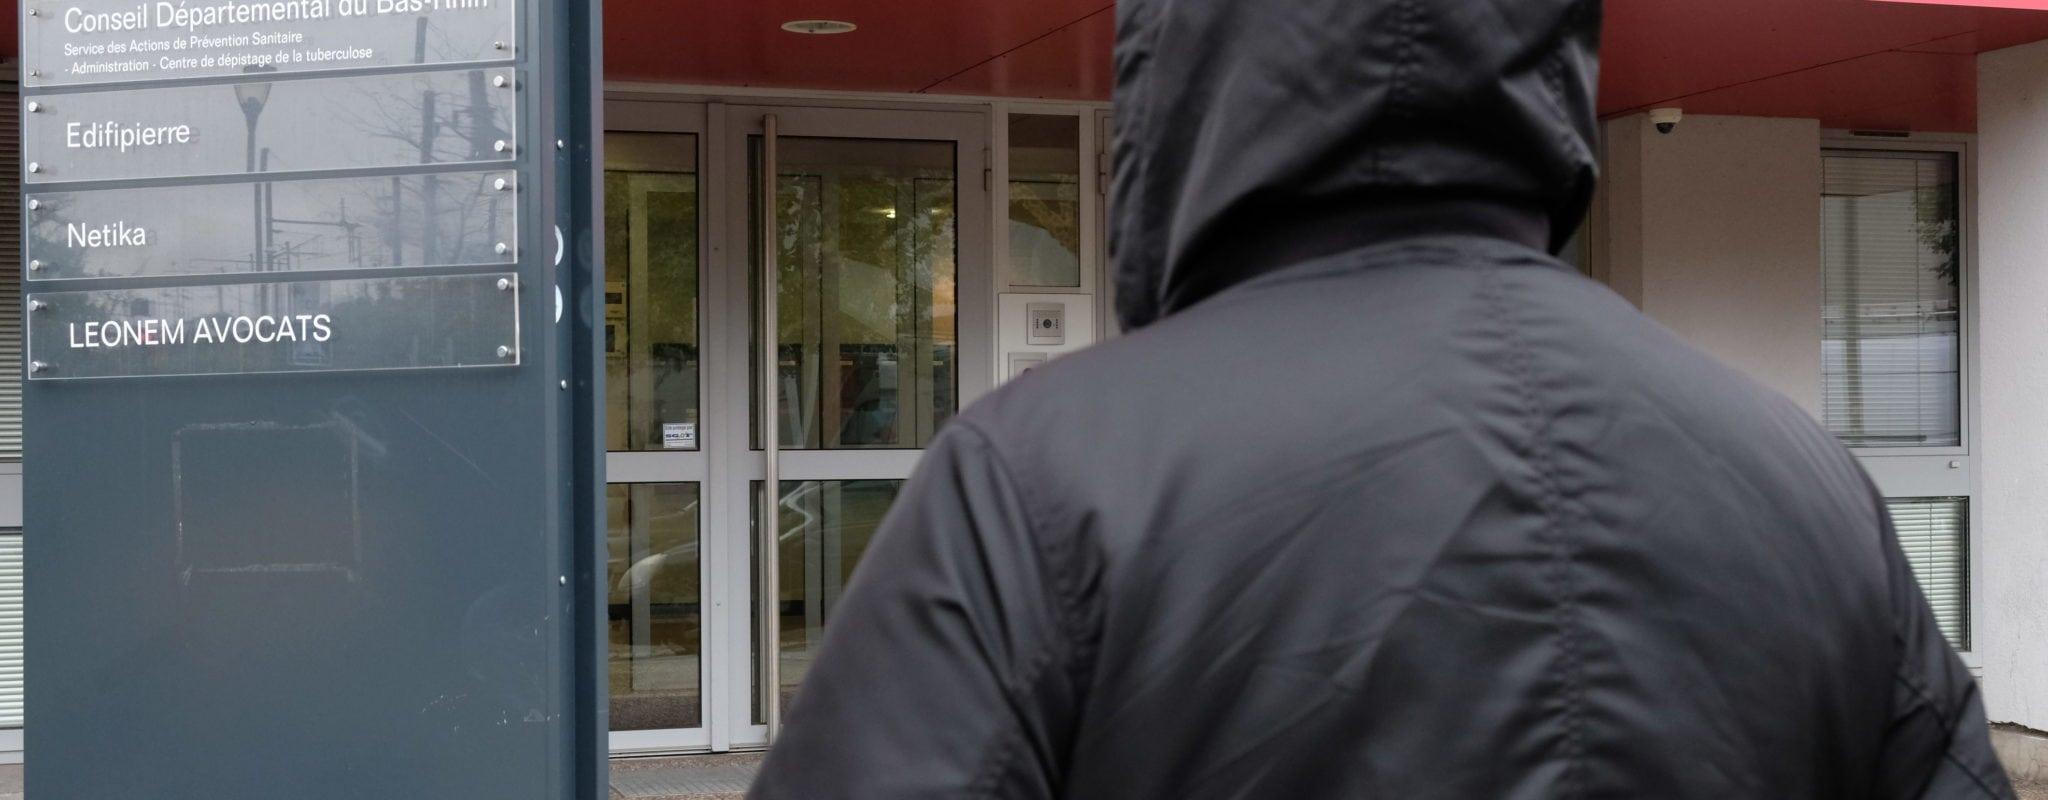 À Strasbourg, Dedalus licencie un lanceur d'alerte sur la protection des données de santé